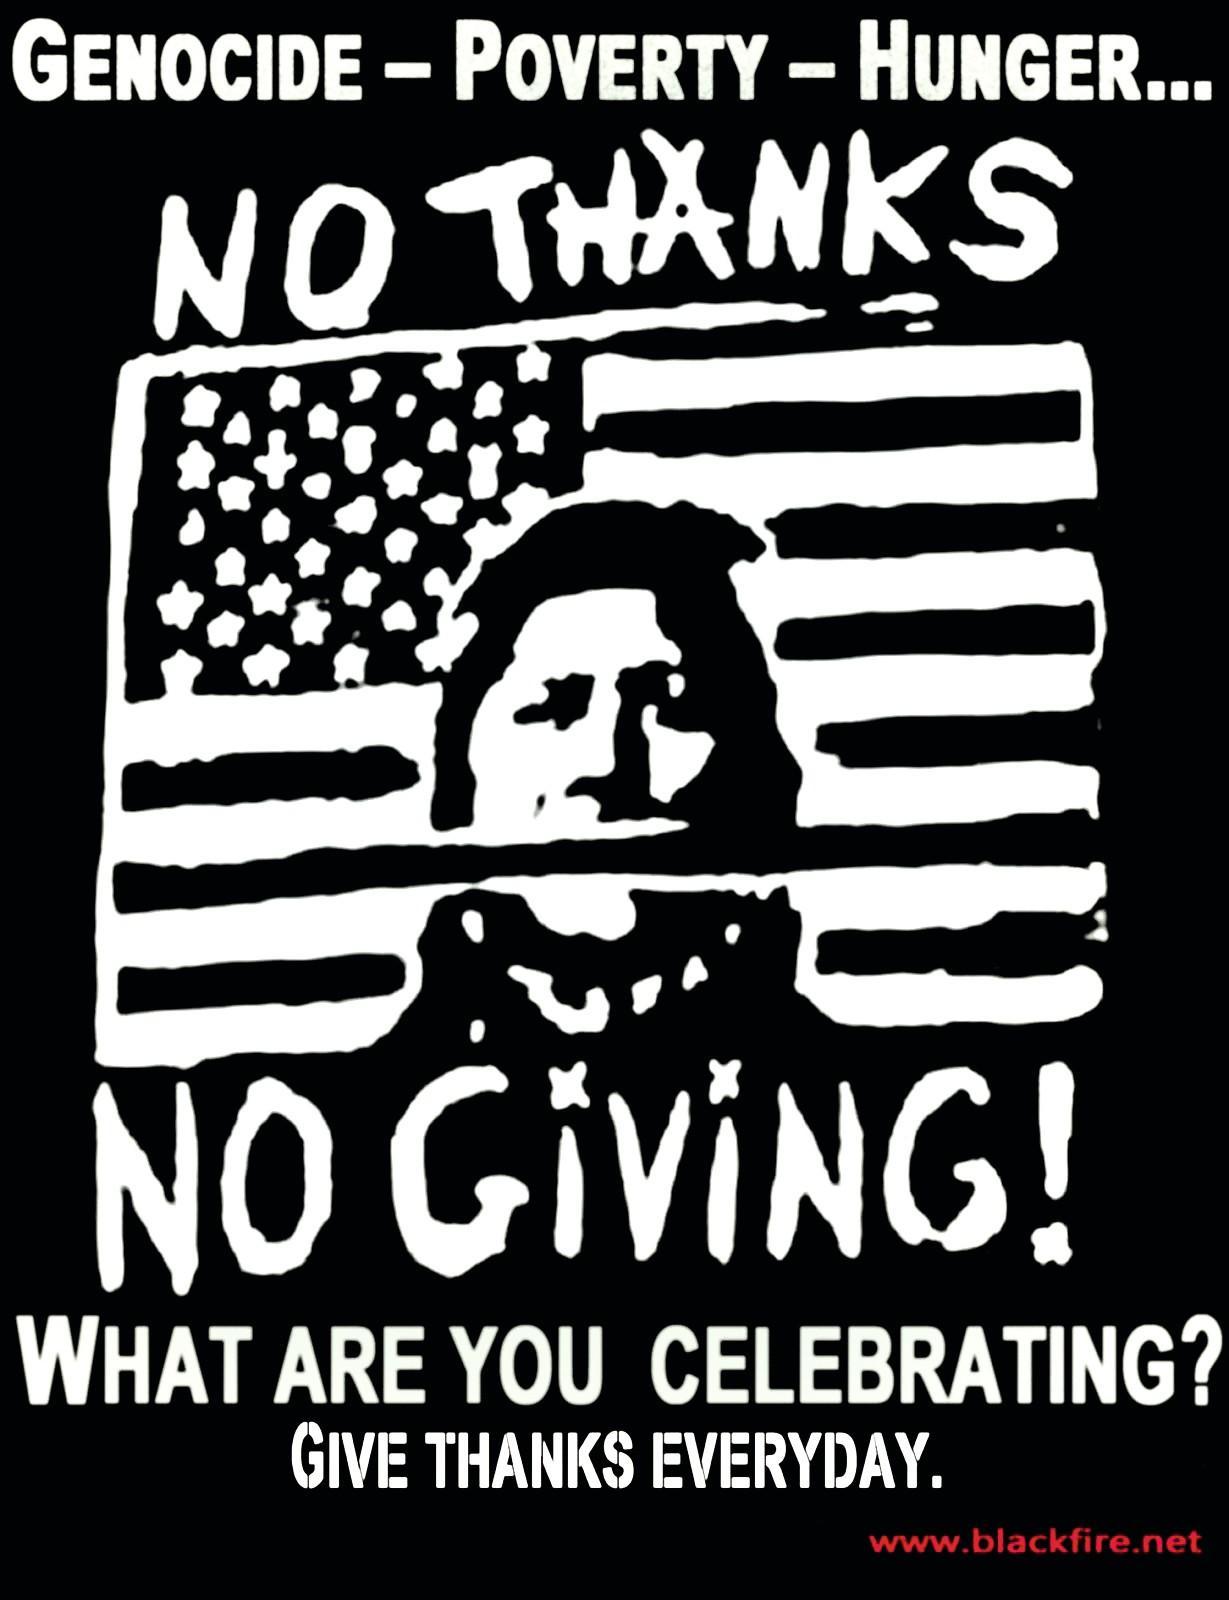 No thanks, no giving!